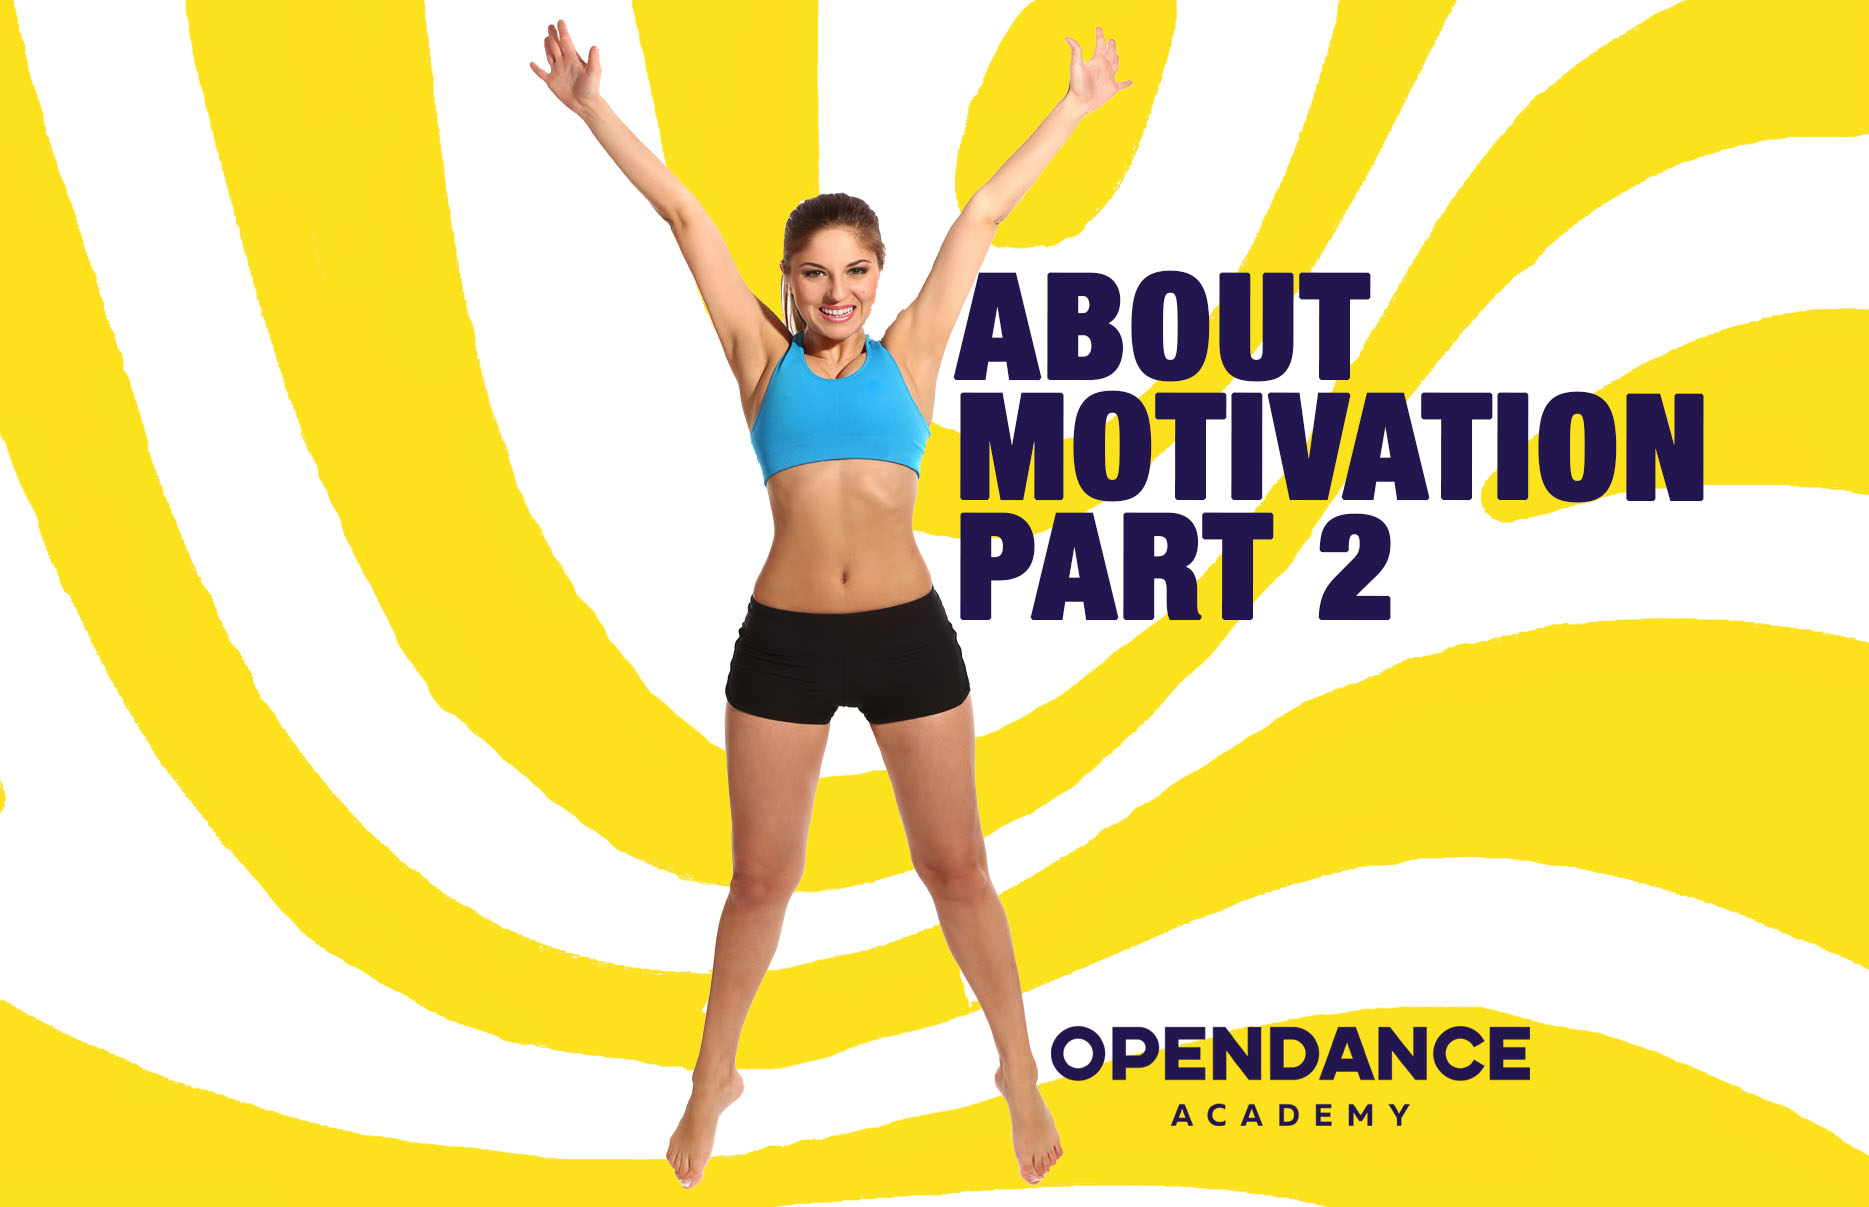 About Motivation Part 2